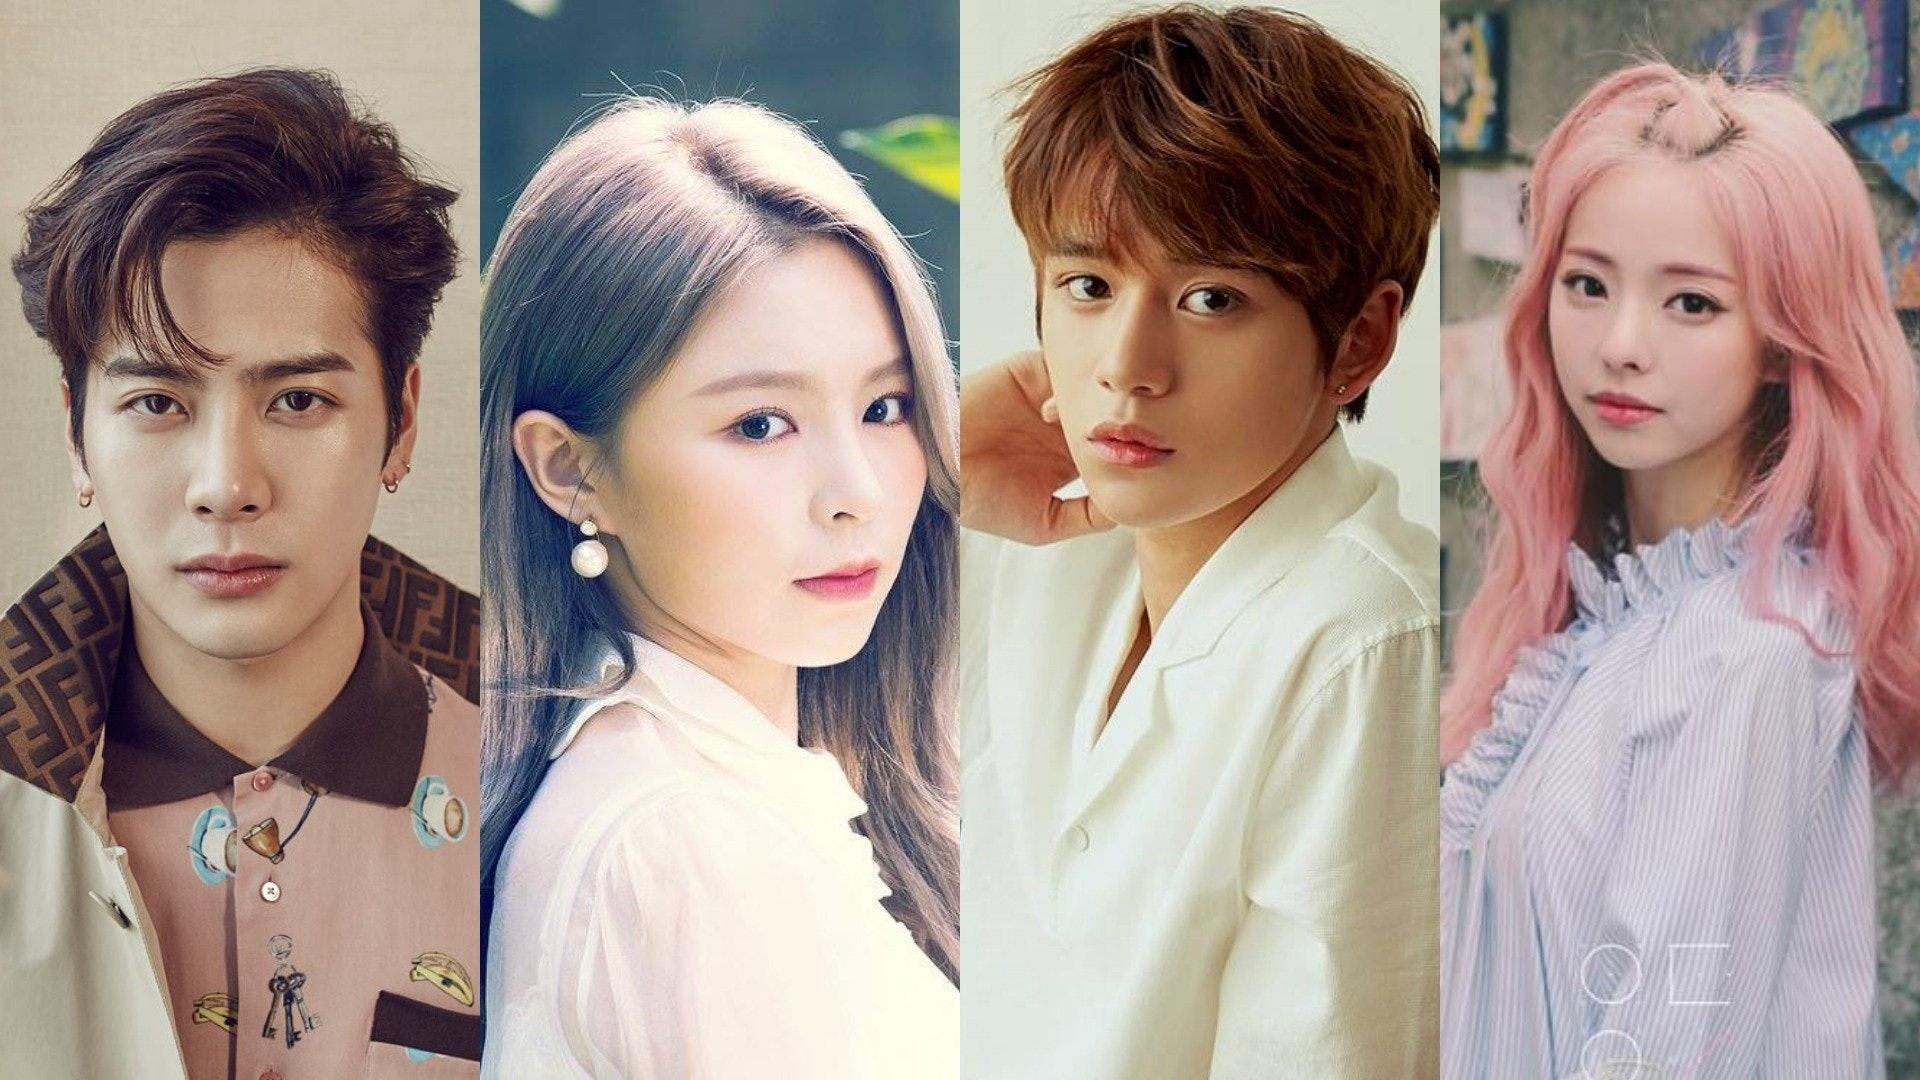 來自香港的GOT7的王嘉爾、CLC的莊錠欣Elkie、NCT的Lucas黃旭熙和LOONA本月少女的黃珈熙Vivi成功在韓國出道。(網上圖片)